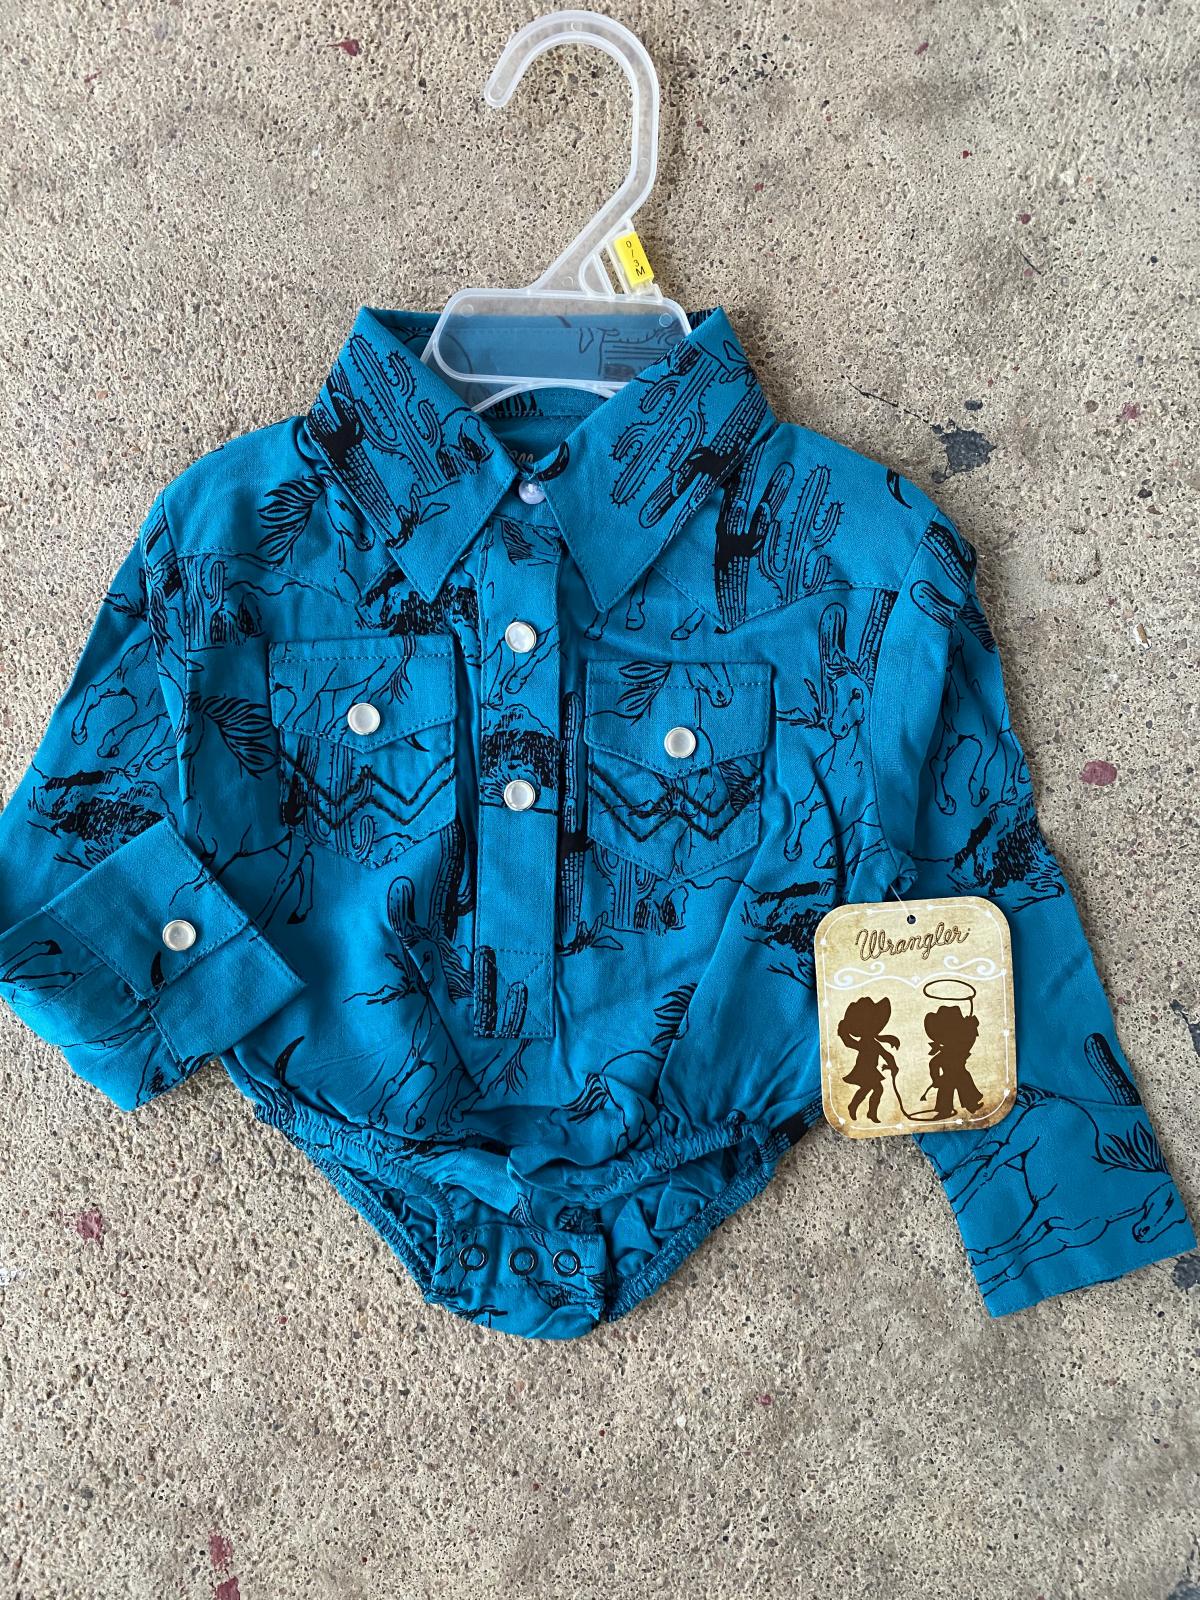 Baby Long Sleeve Bodysuit from Wrangler